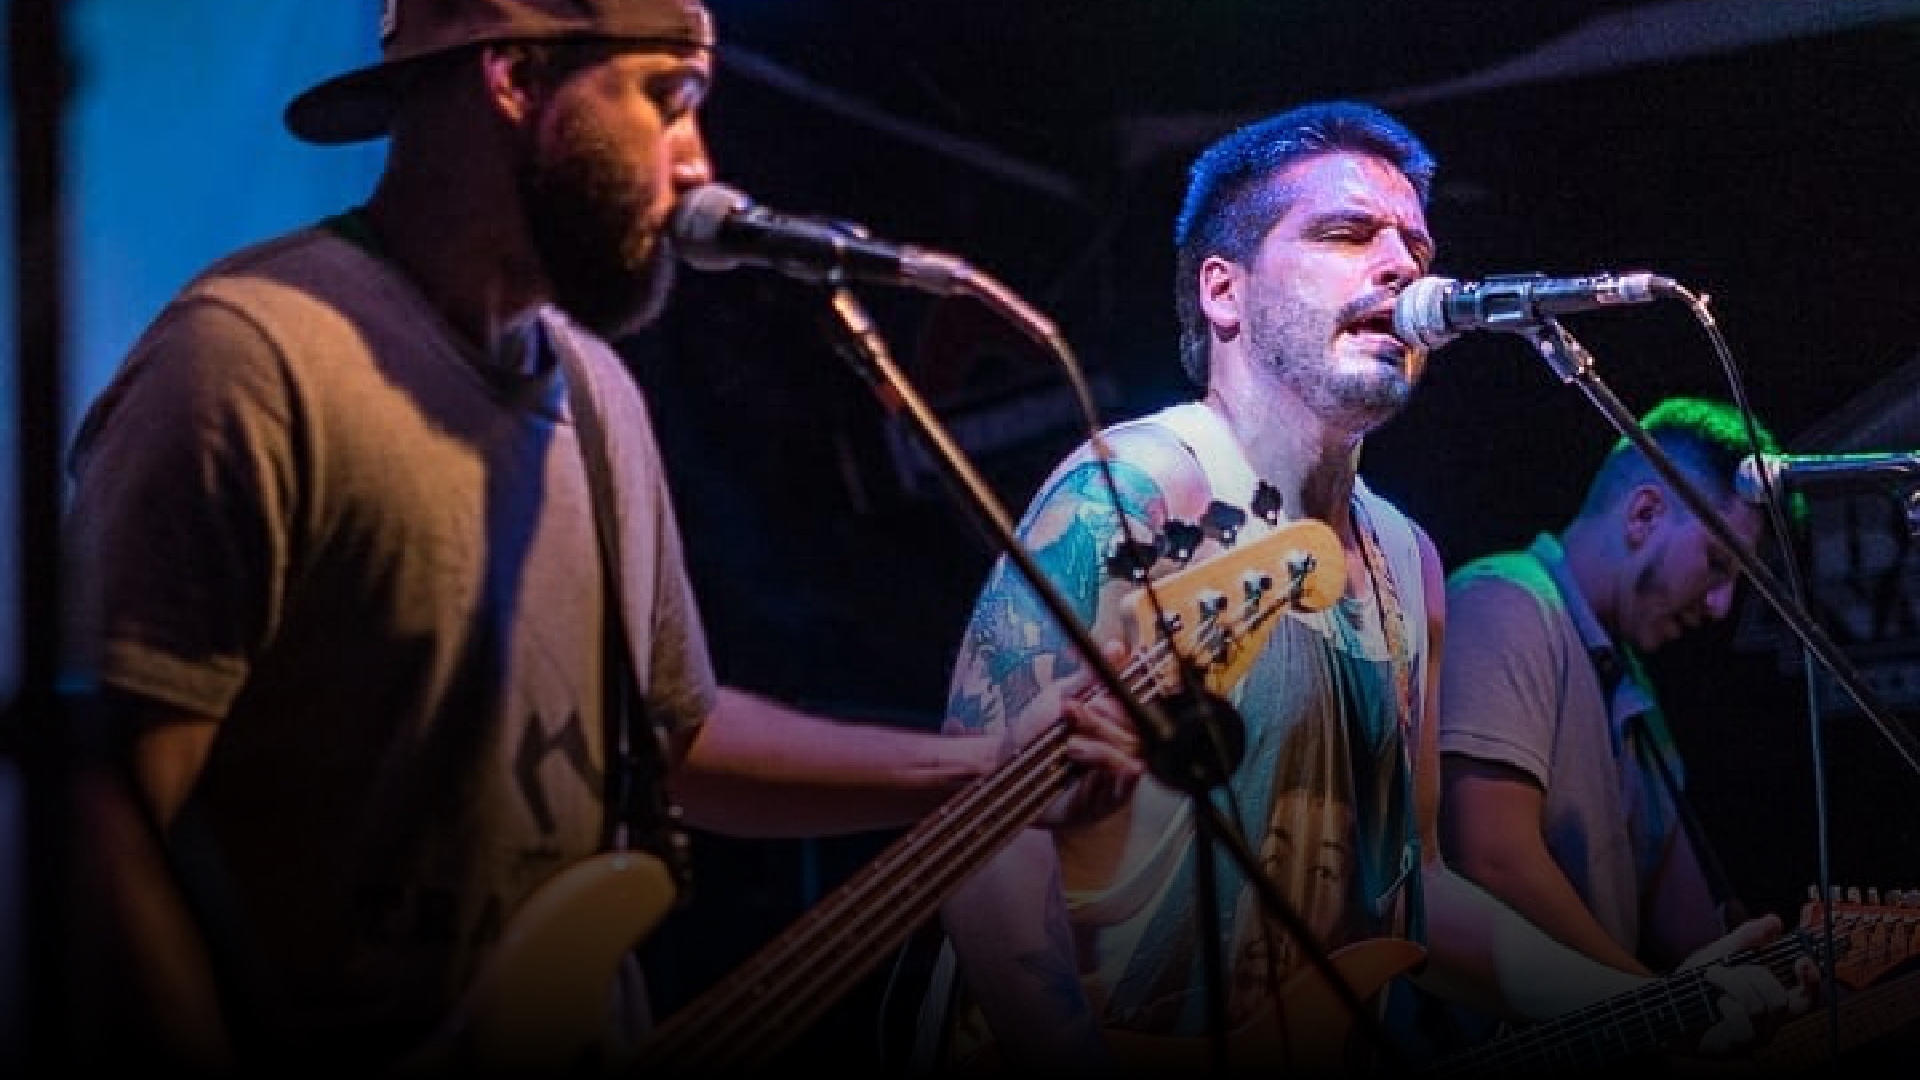 EL Piloto Ciego - Ska punk desde Medellín